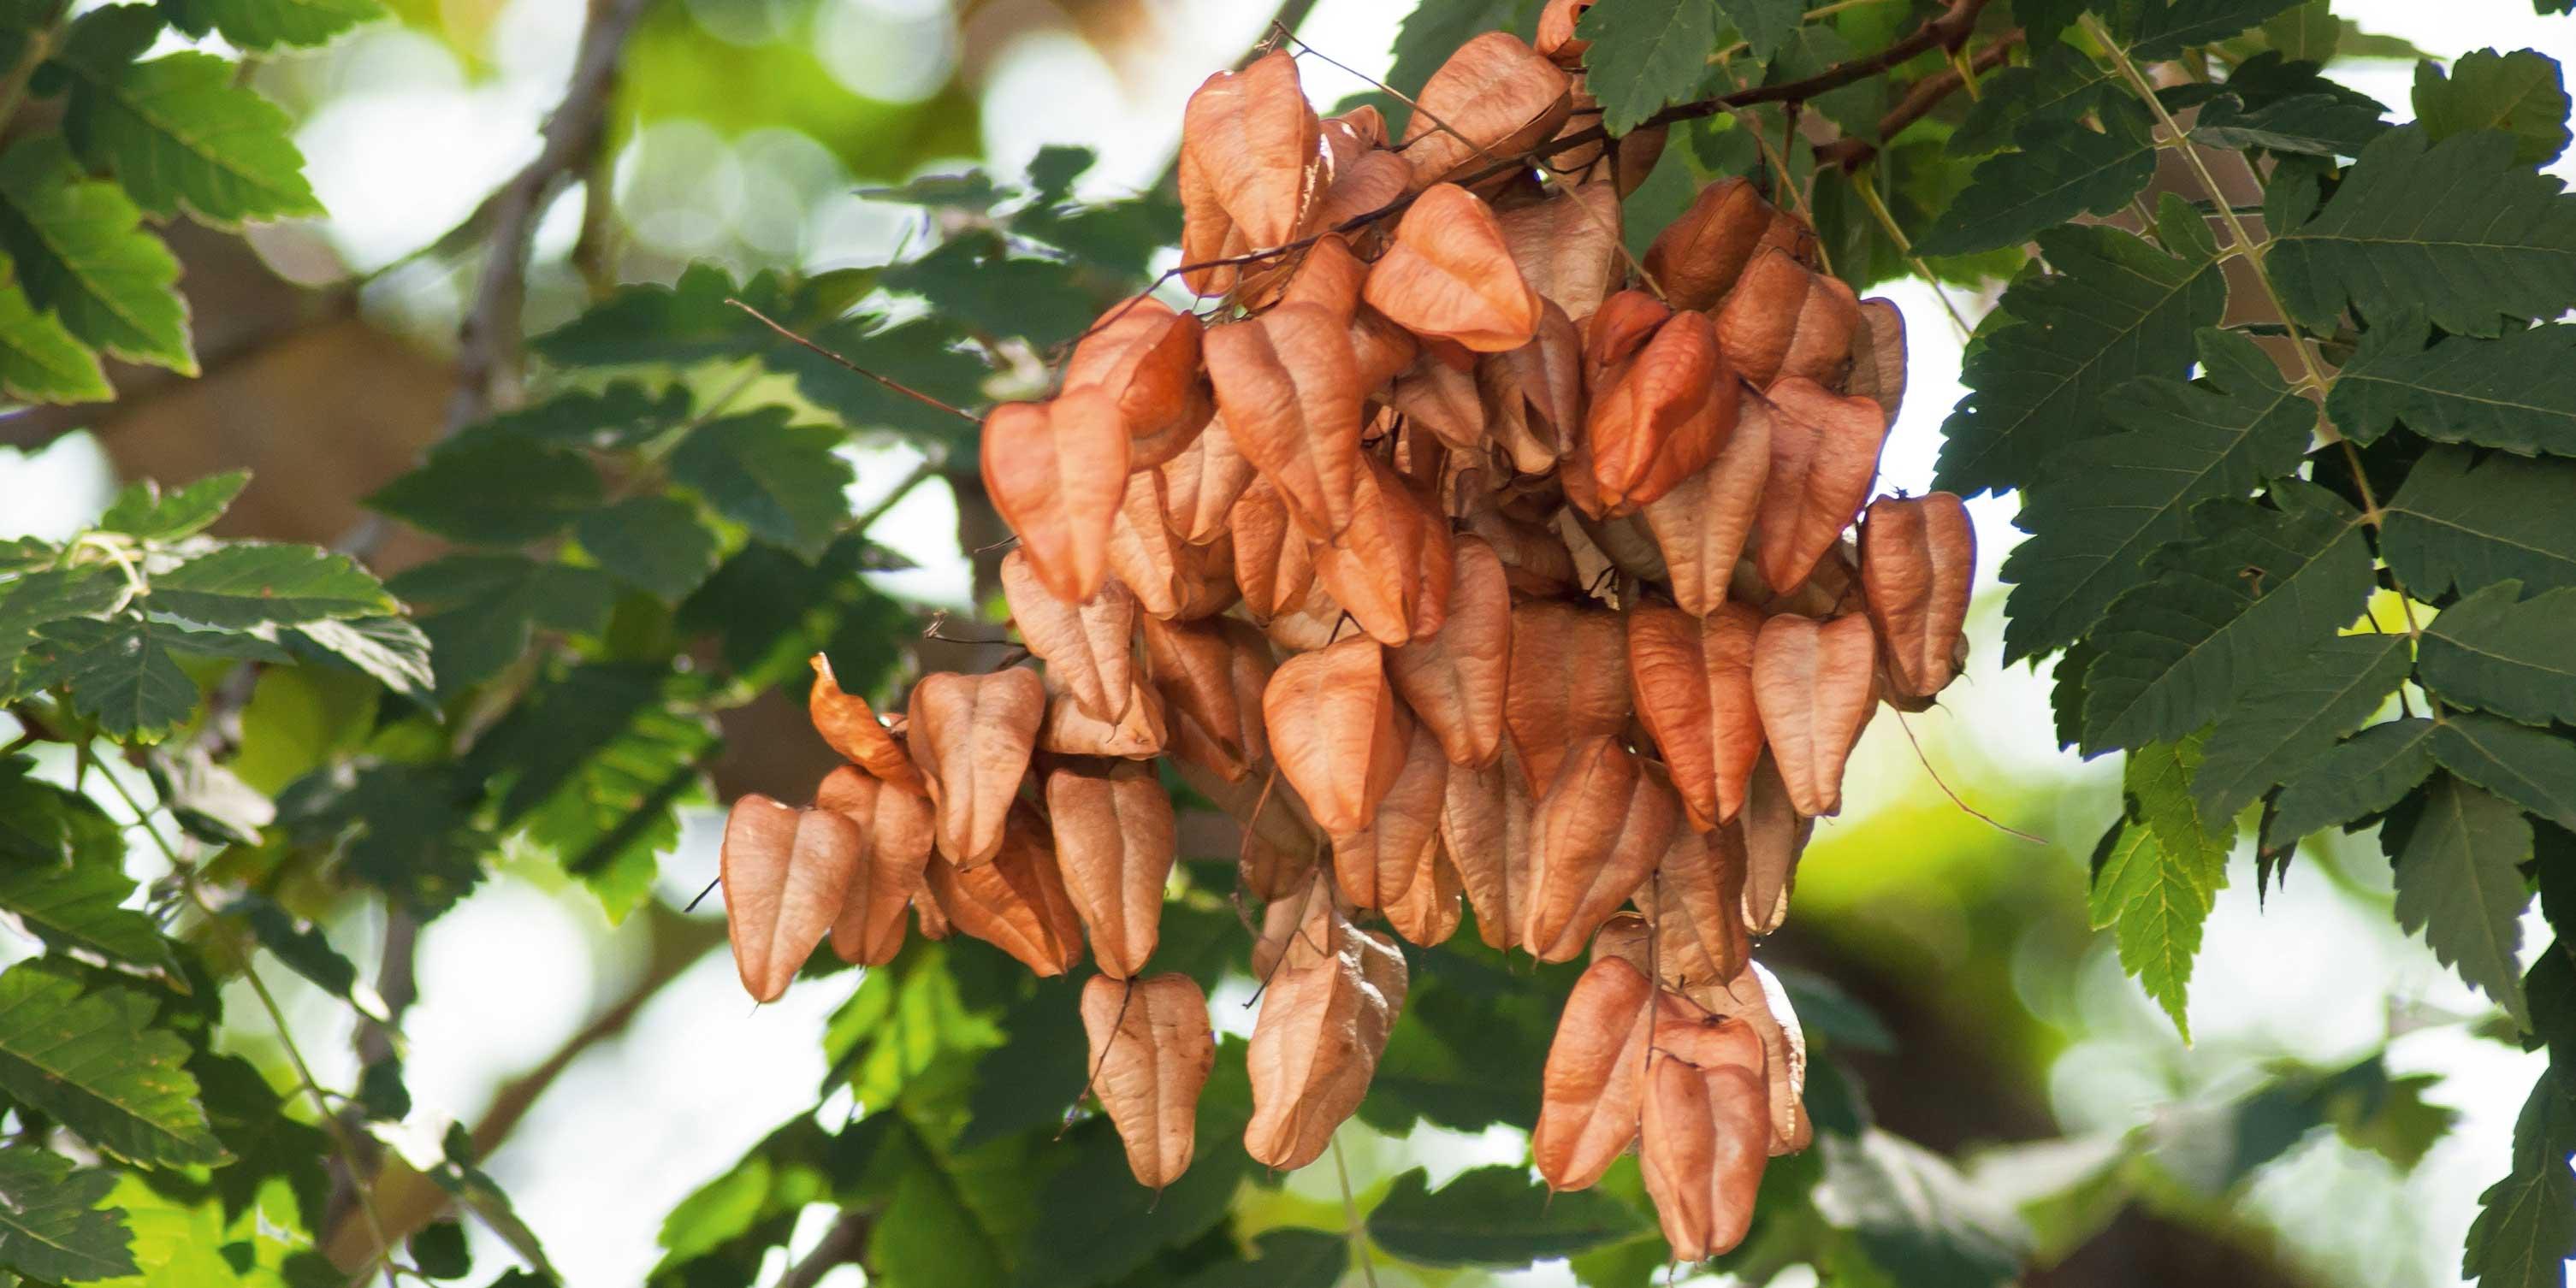 Albero Della Fortuna Pianta koelreuteria, l'albero delle lanterne - cose di casa